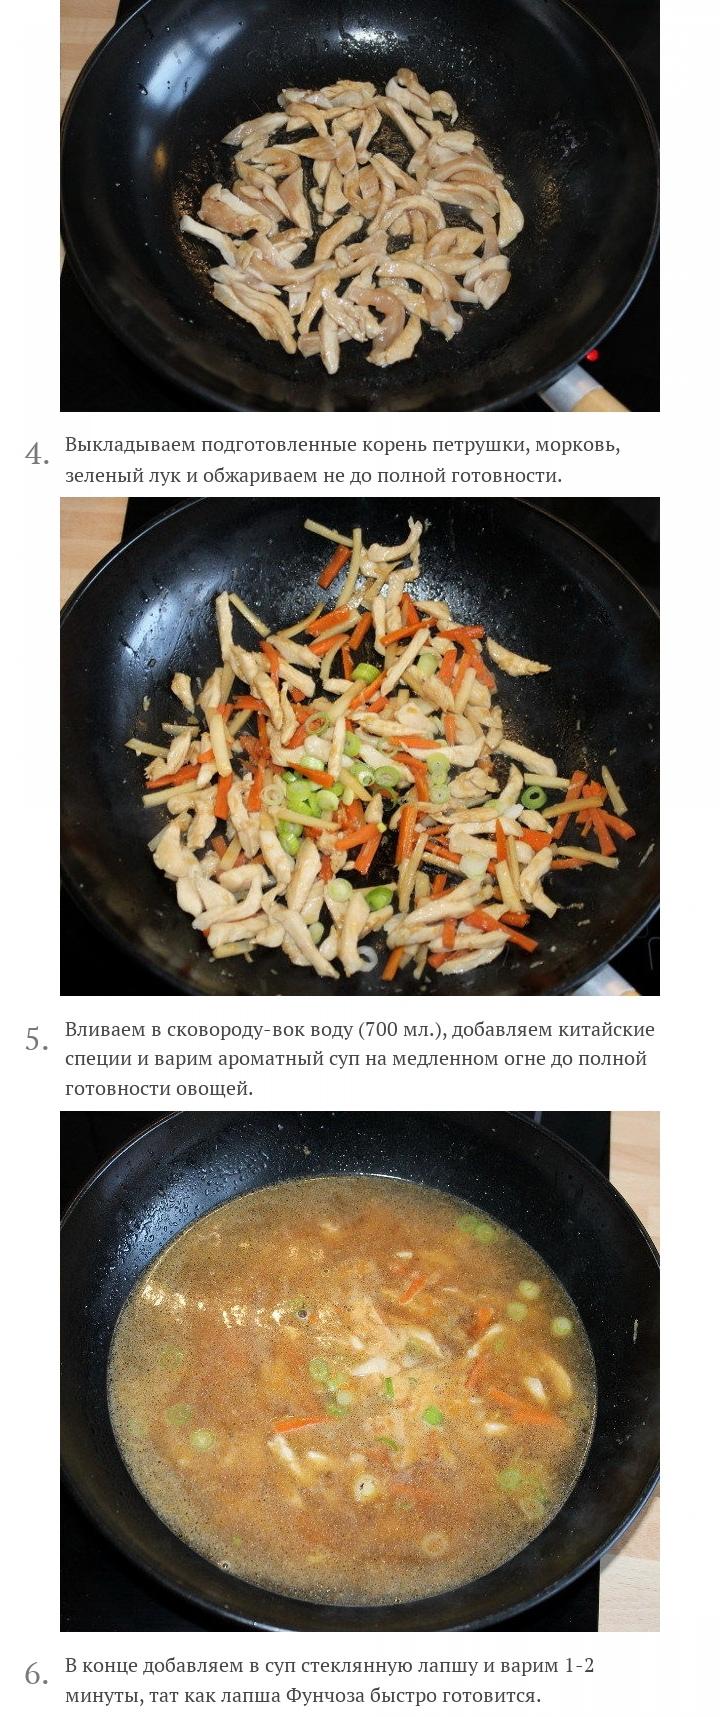 Китайский куриный суп, изображение №3